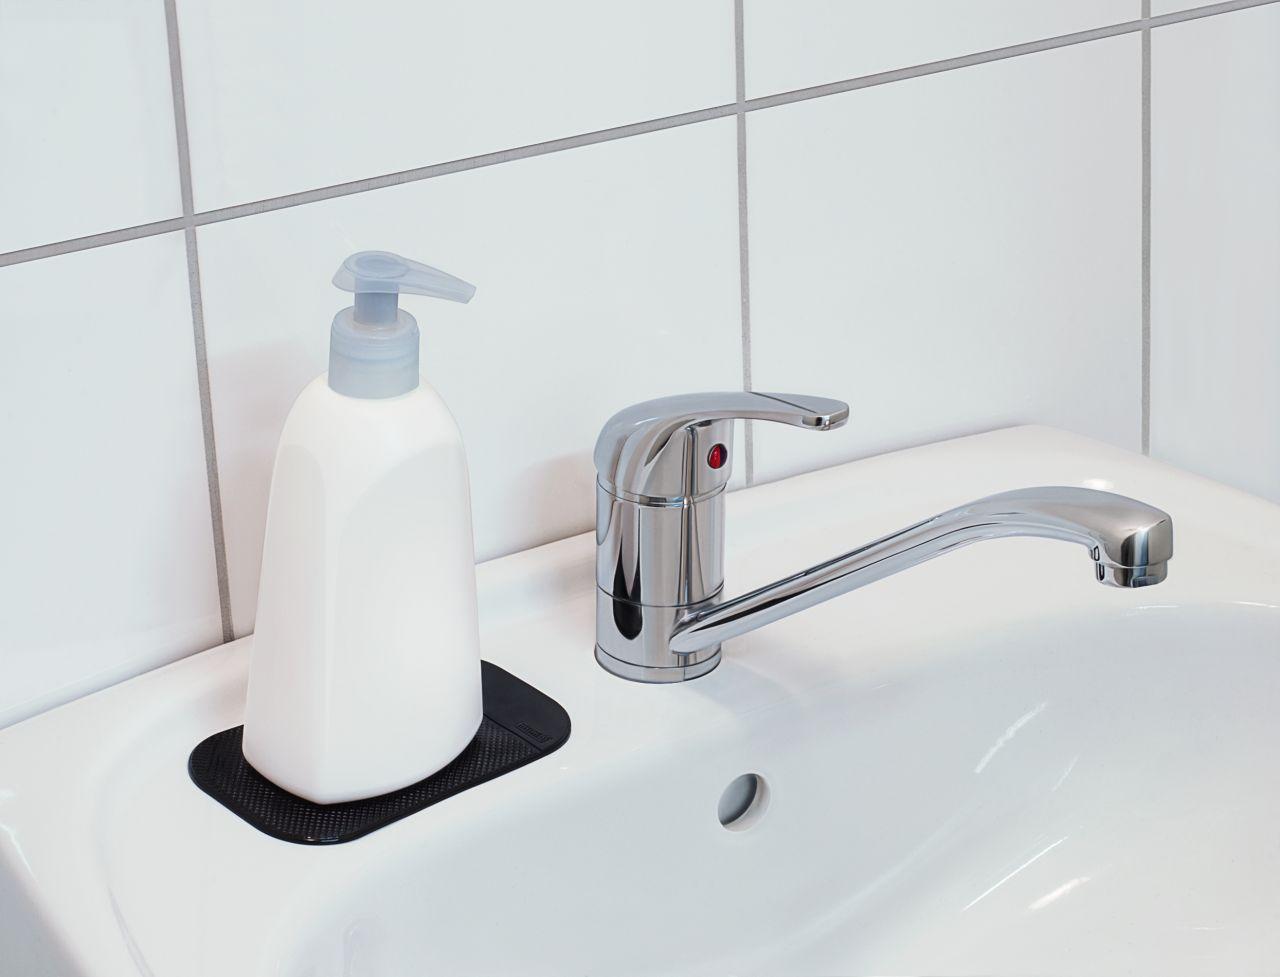 Antirutschmatte auf Waschbecken